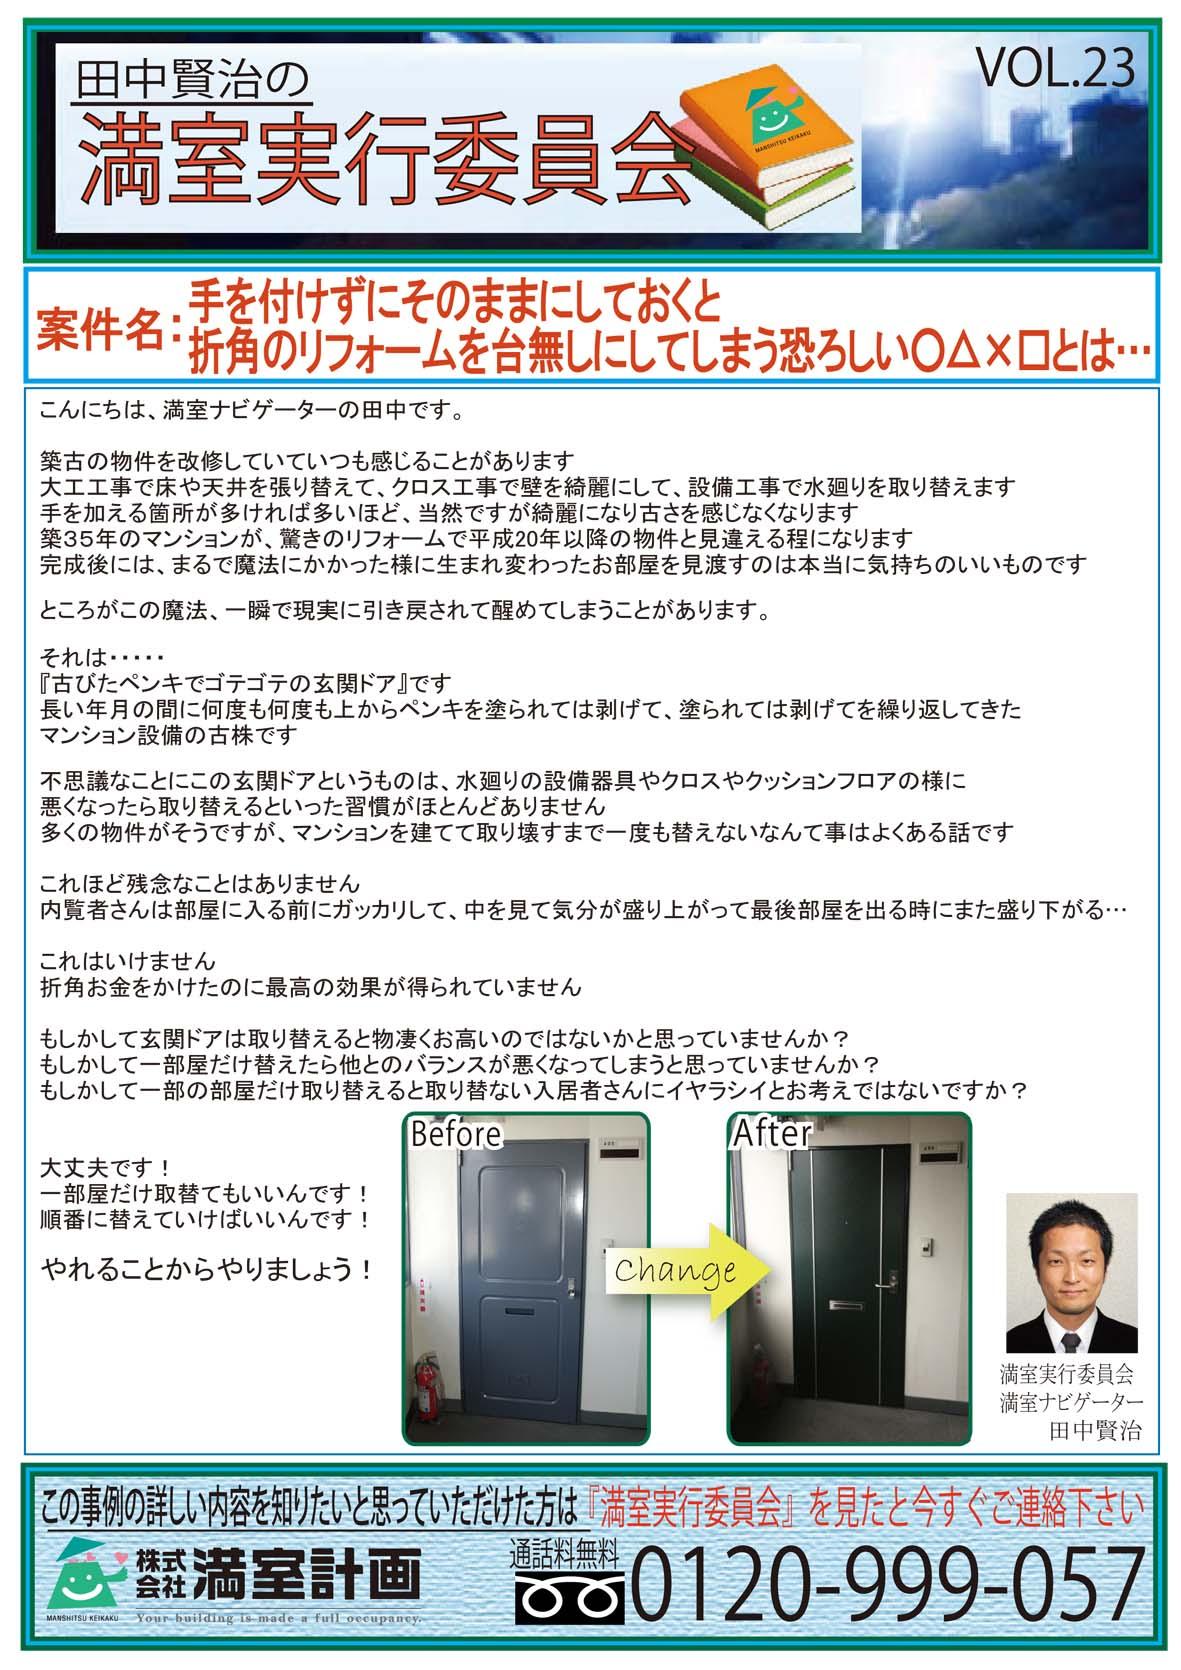 http://www.mansitu.jp/staff/vor23.jpg